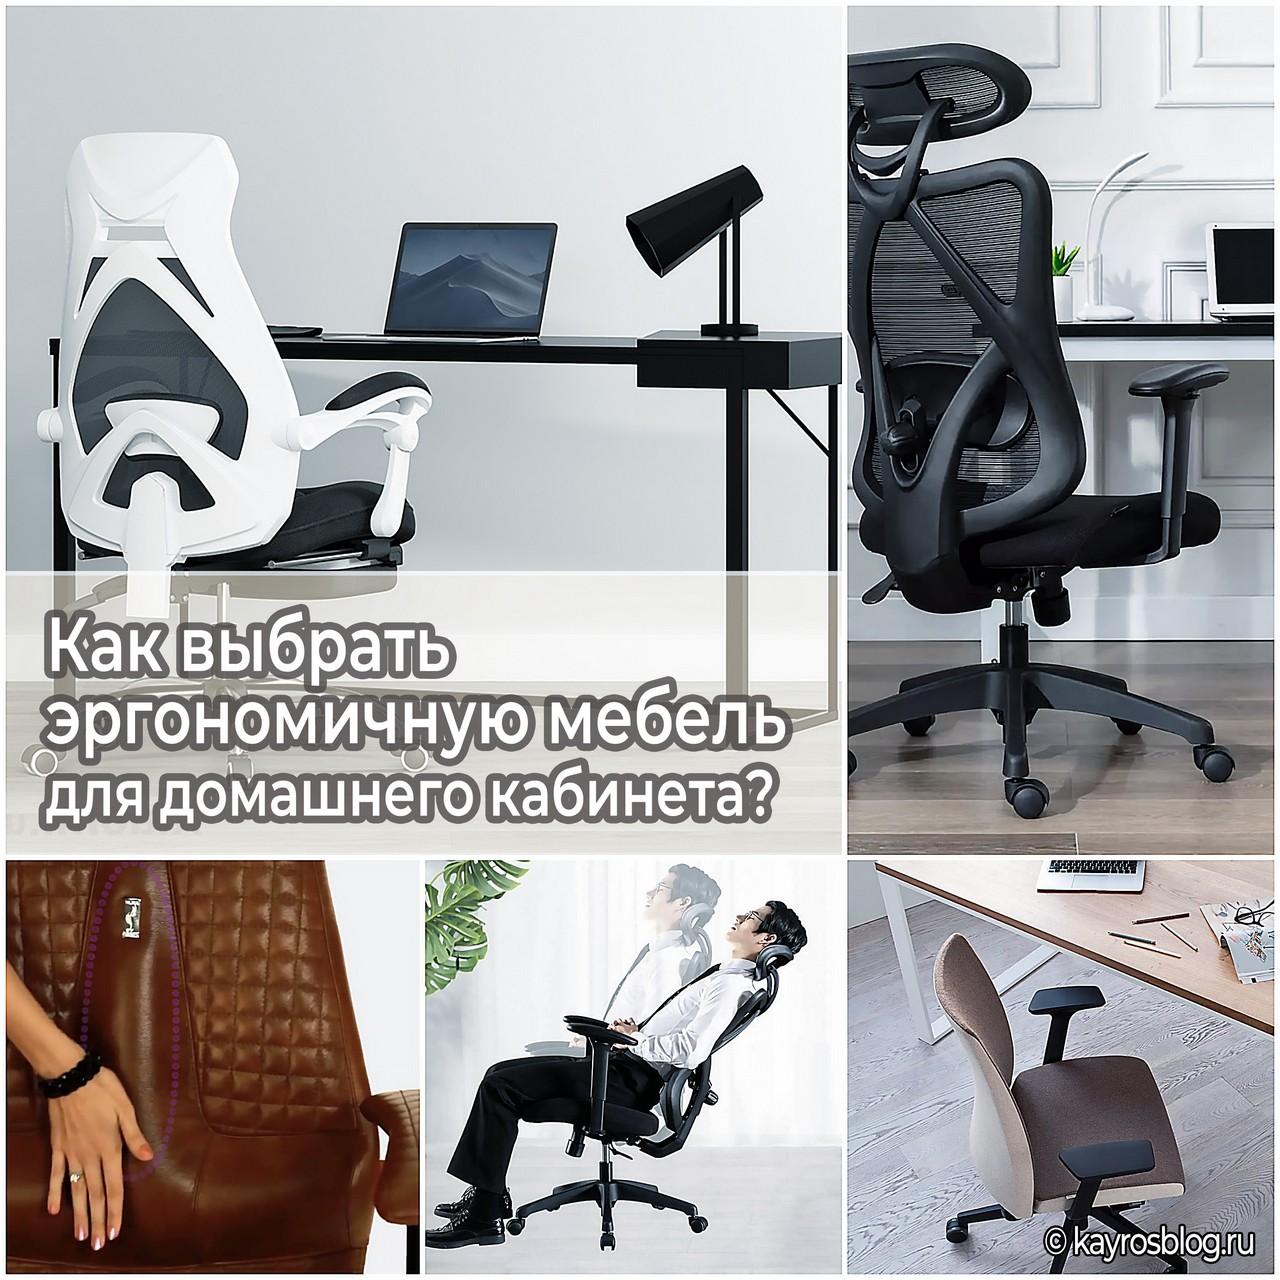 Как выбрать эргономичную мебель для домашнего кабинета